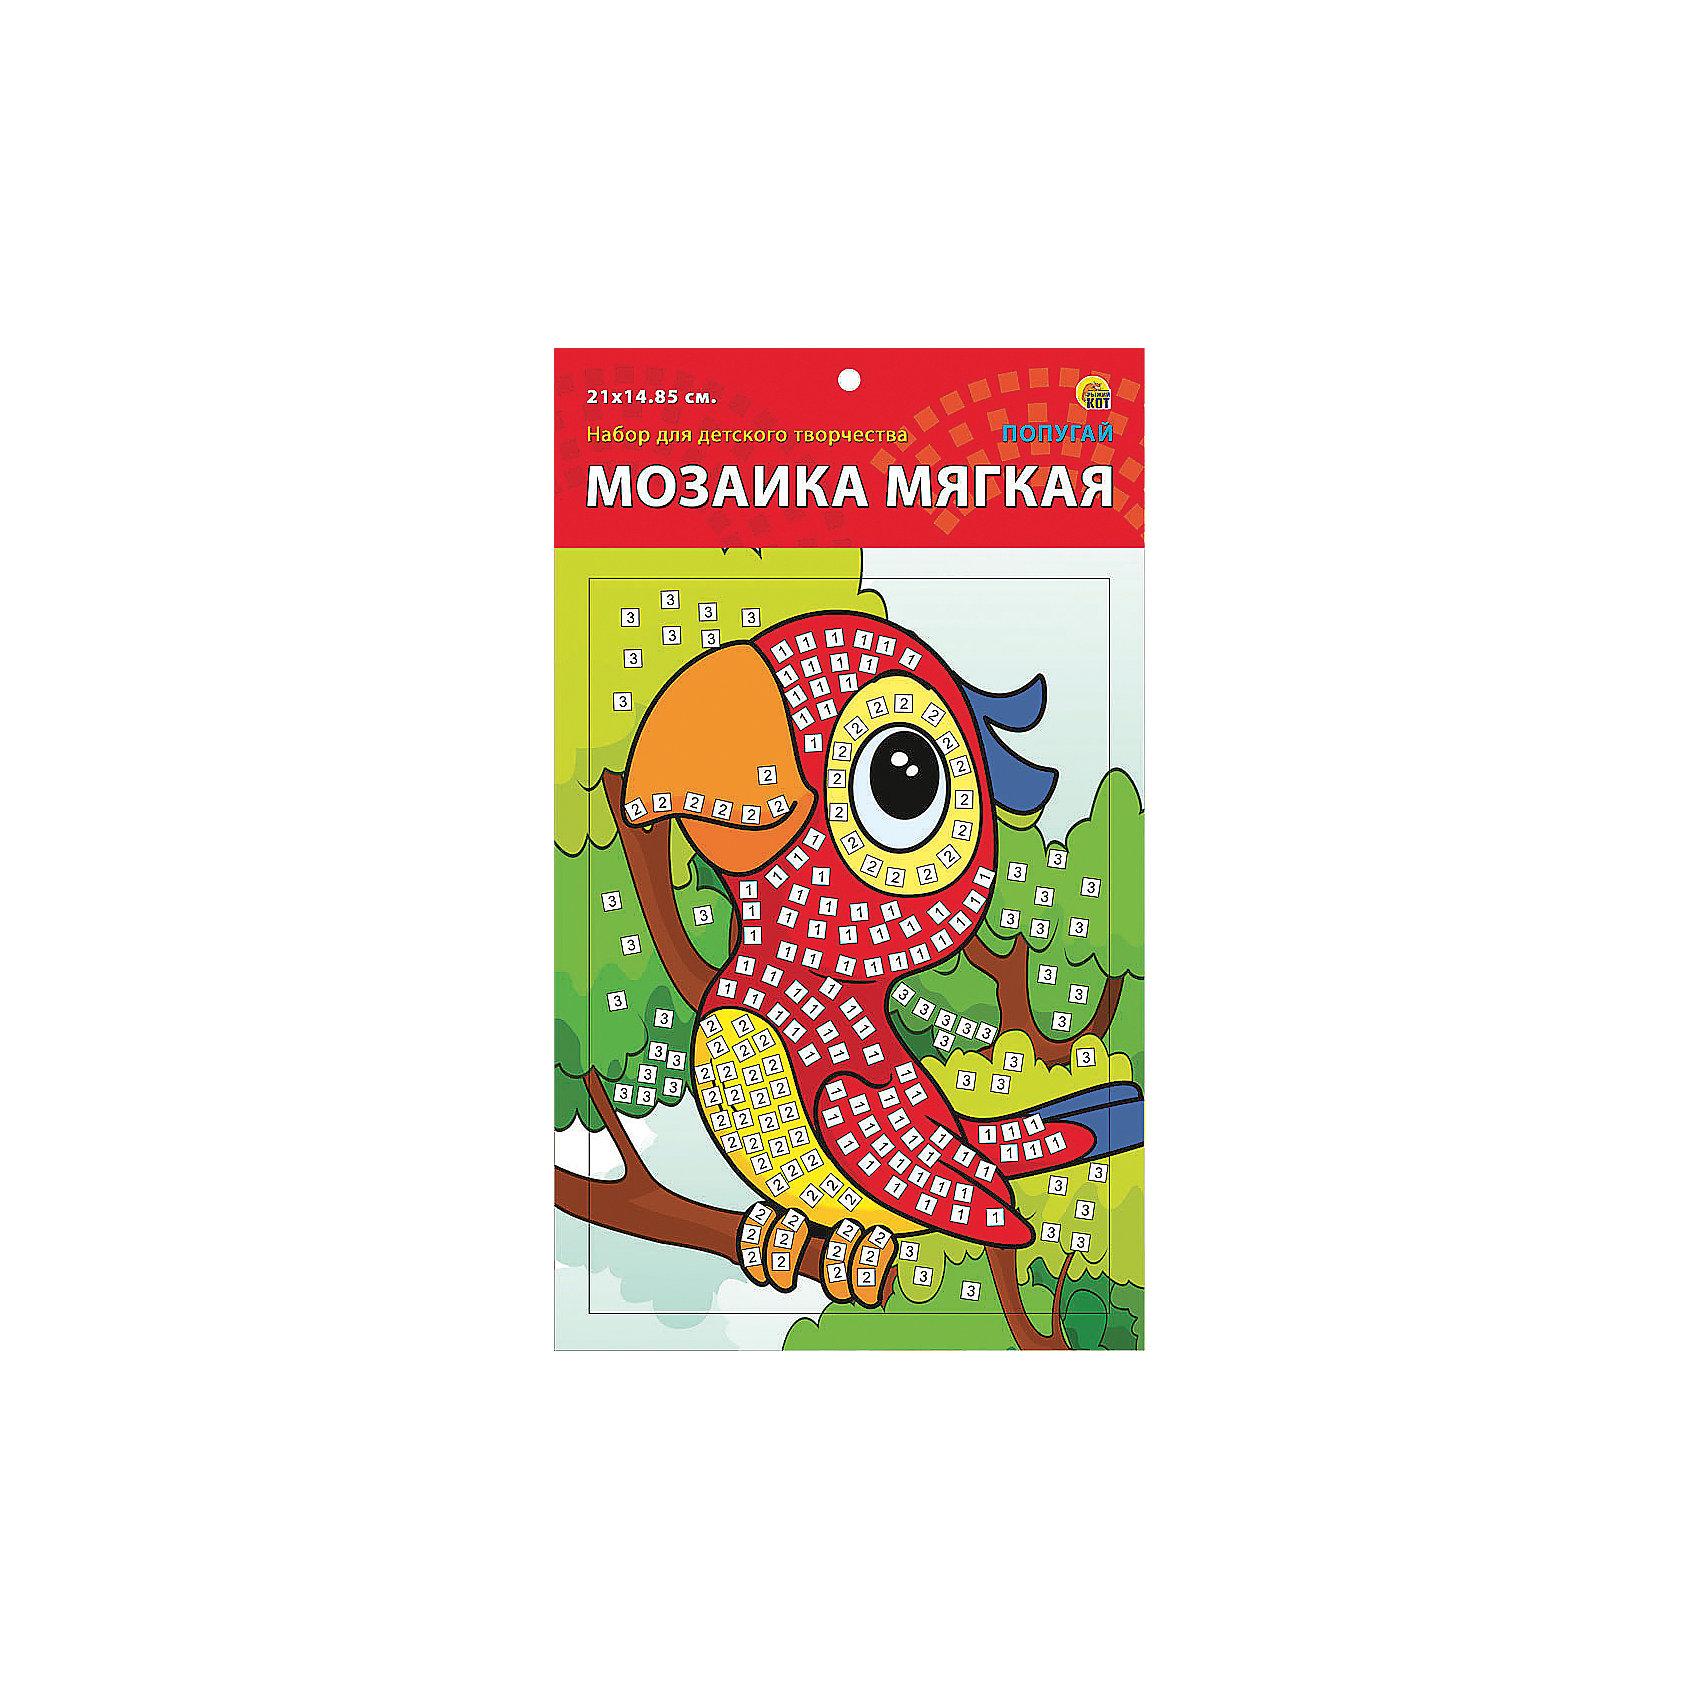 Издательство Рыжий кот Мягкая мозаика Попугай формат А5 (21х15 см) издательство рыжий кот мягкая мозаика обезьянка формат а5 21х15 см